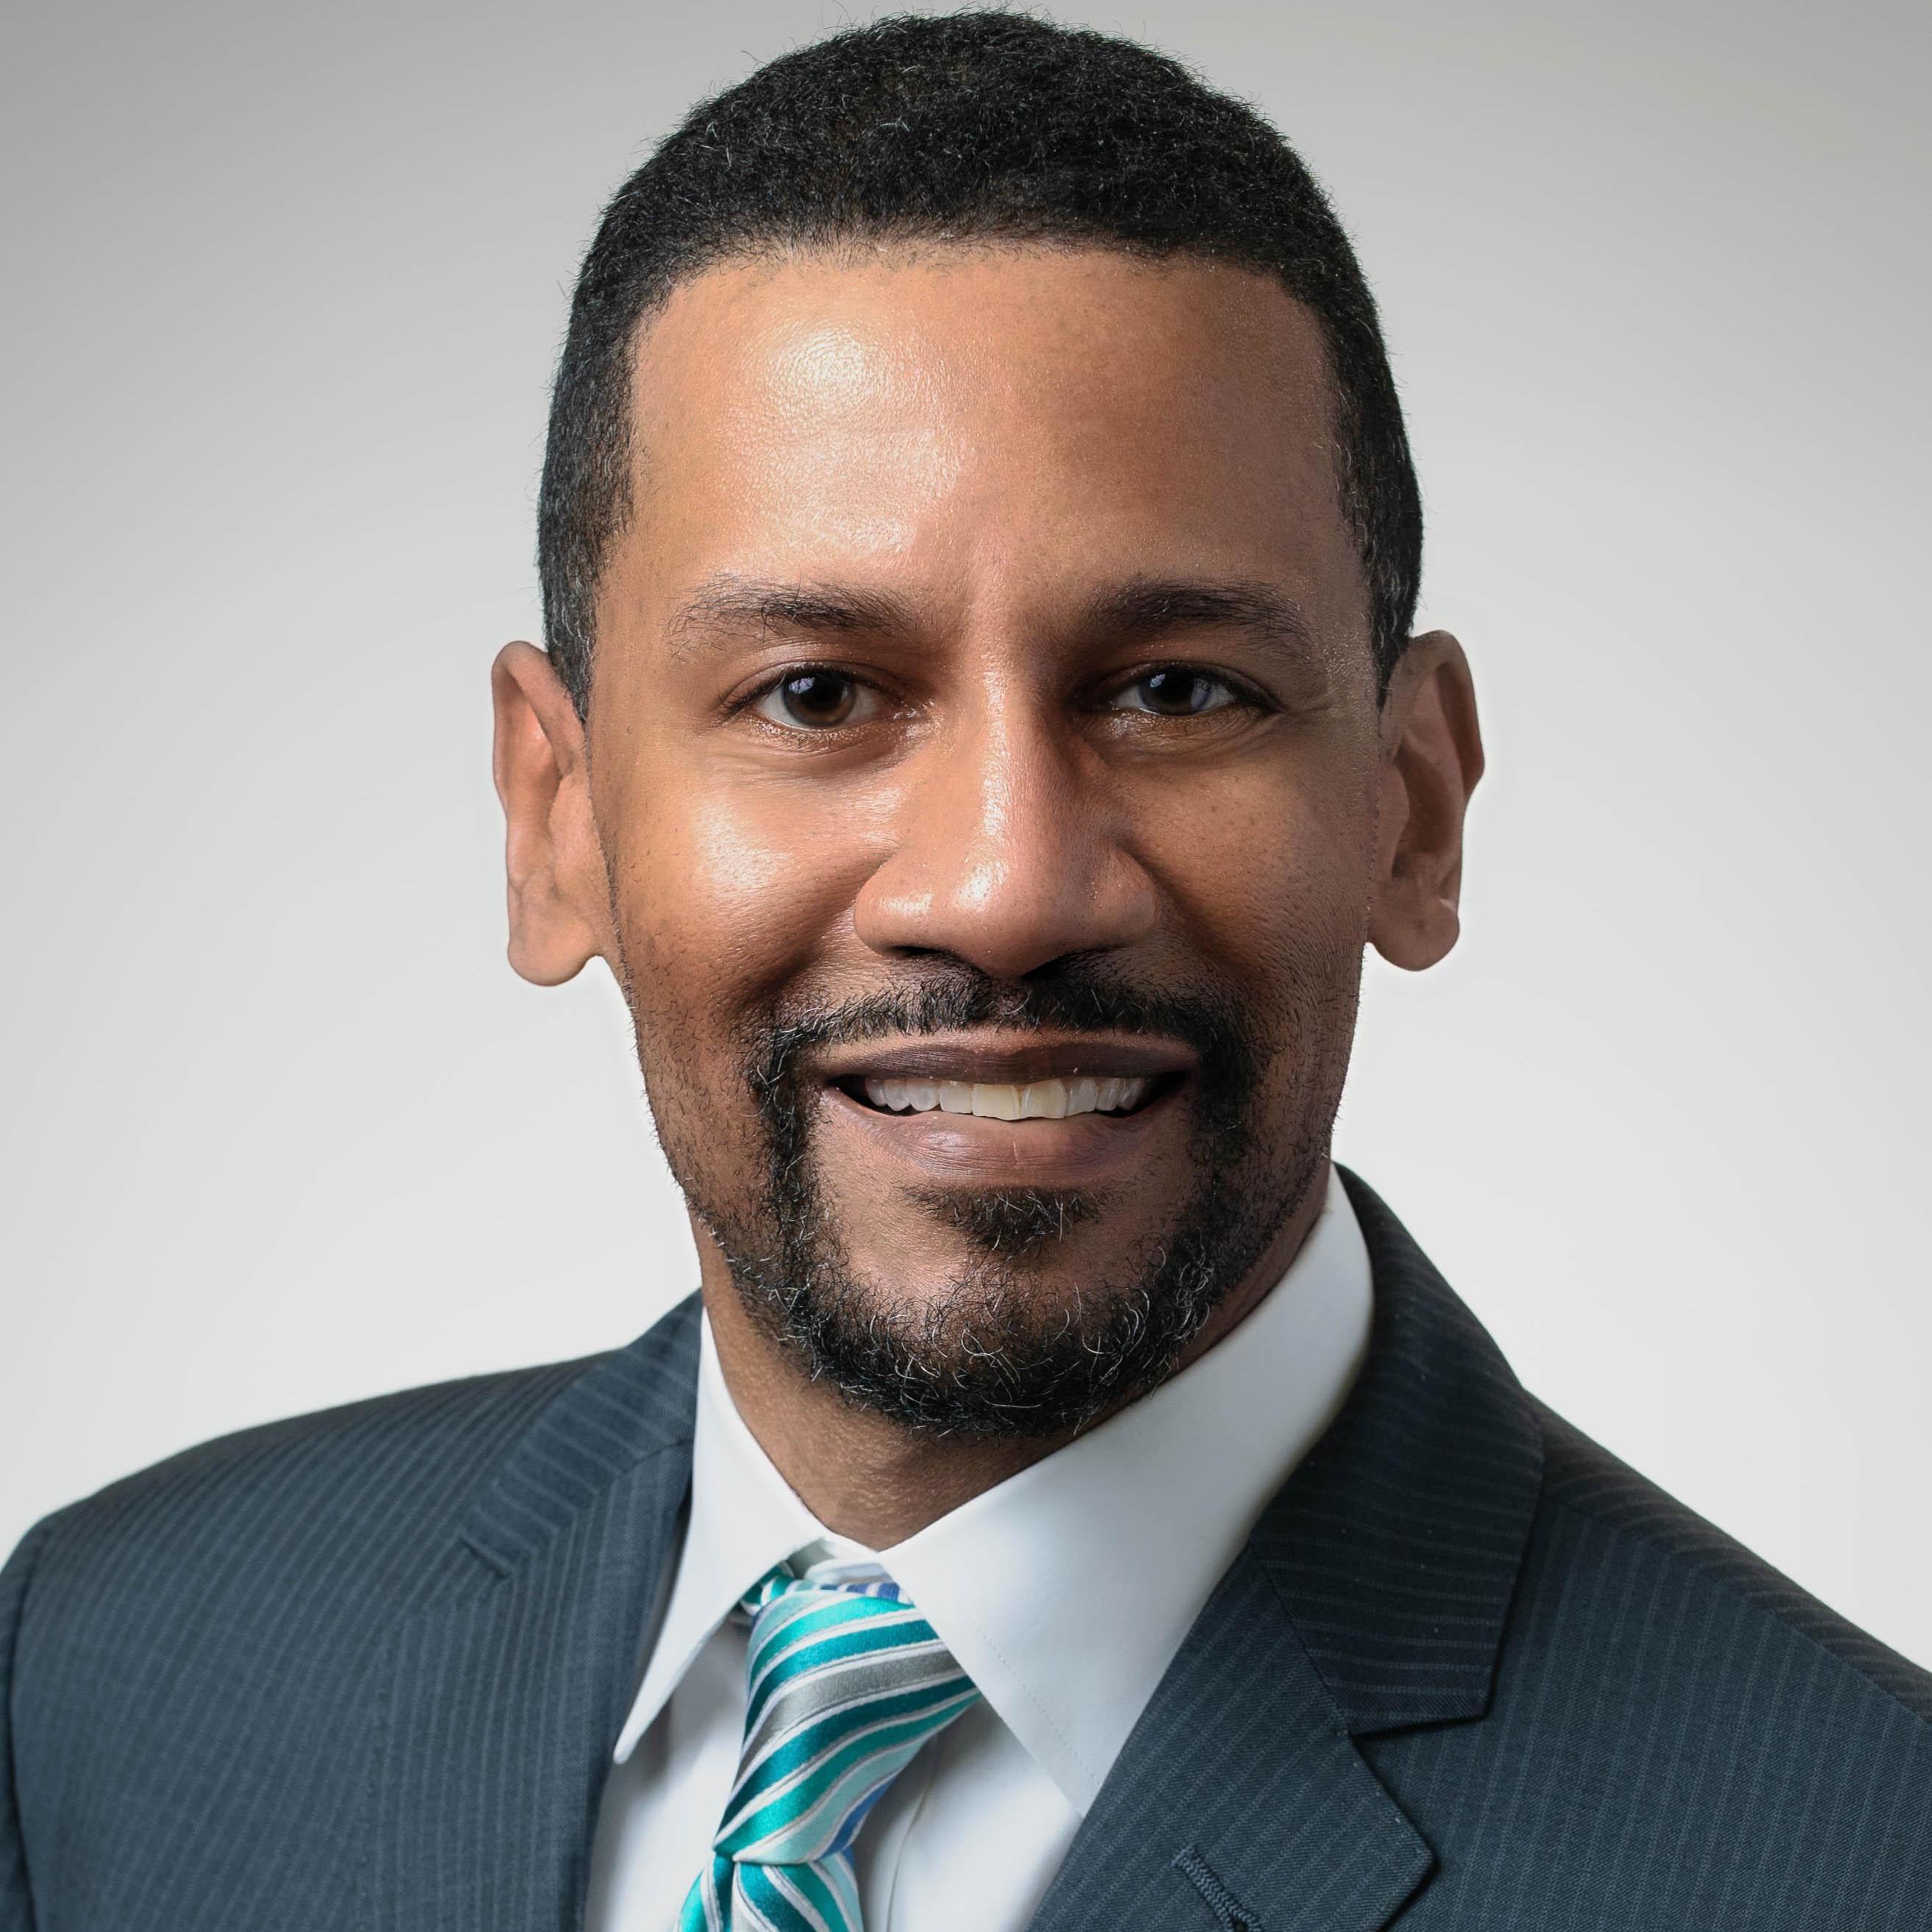 Rev. Ronald Martin's Profile Photo